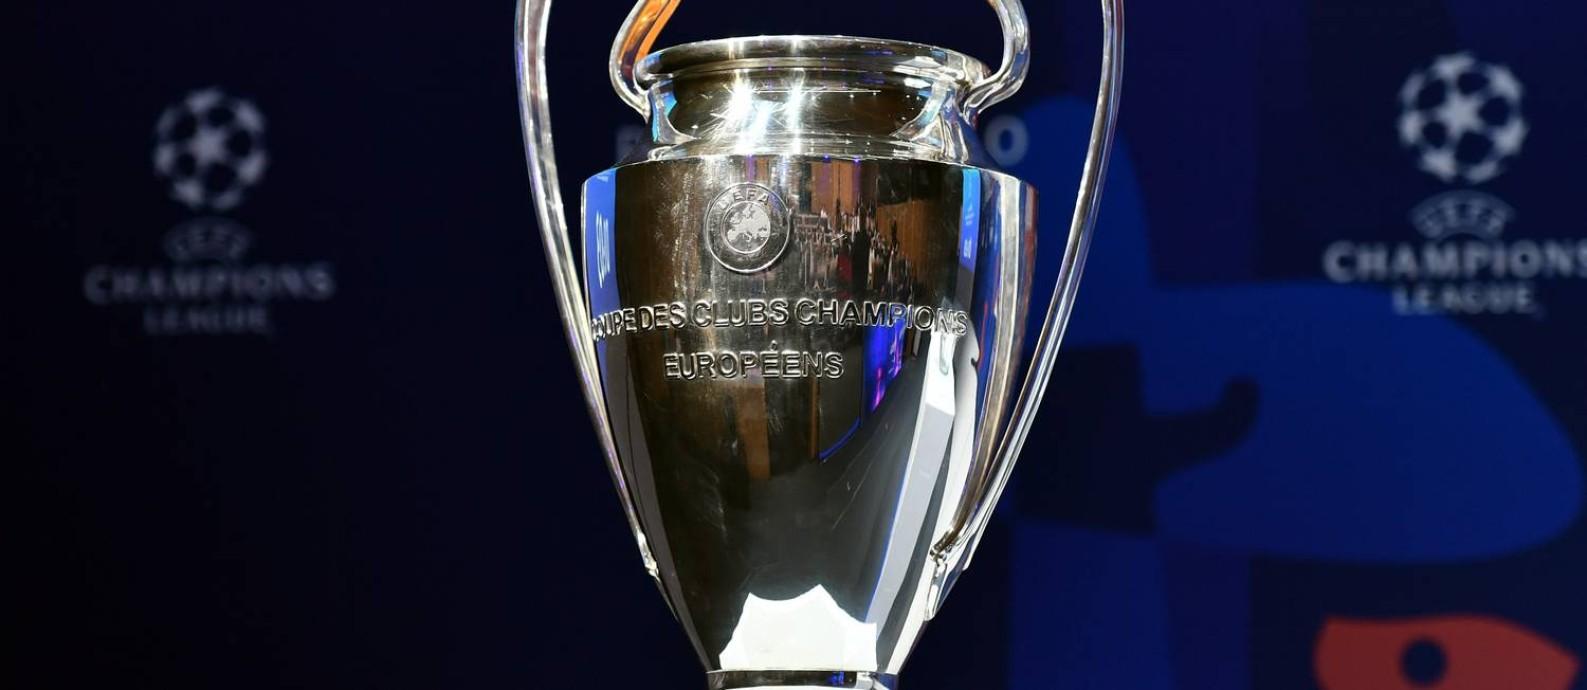 Troféu da Champions League terá um novo campeão em 2018/2019 Foto: FABRICE COFFRINI / AFP